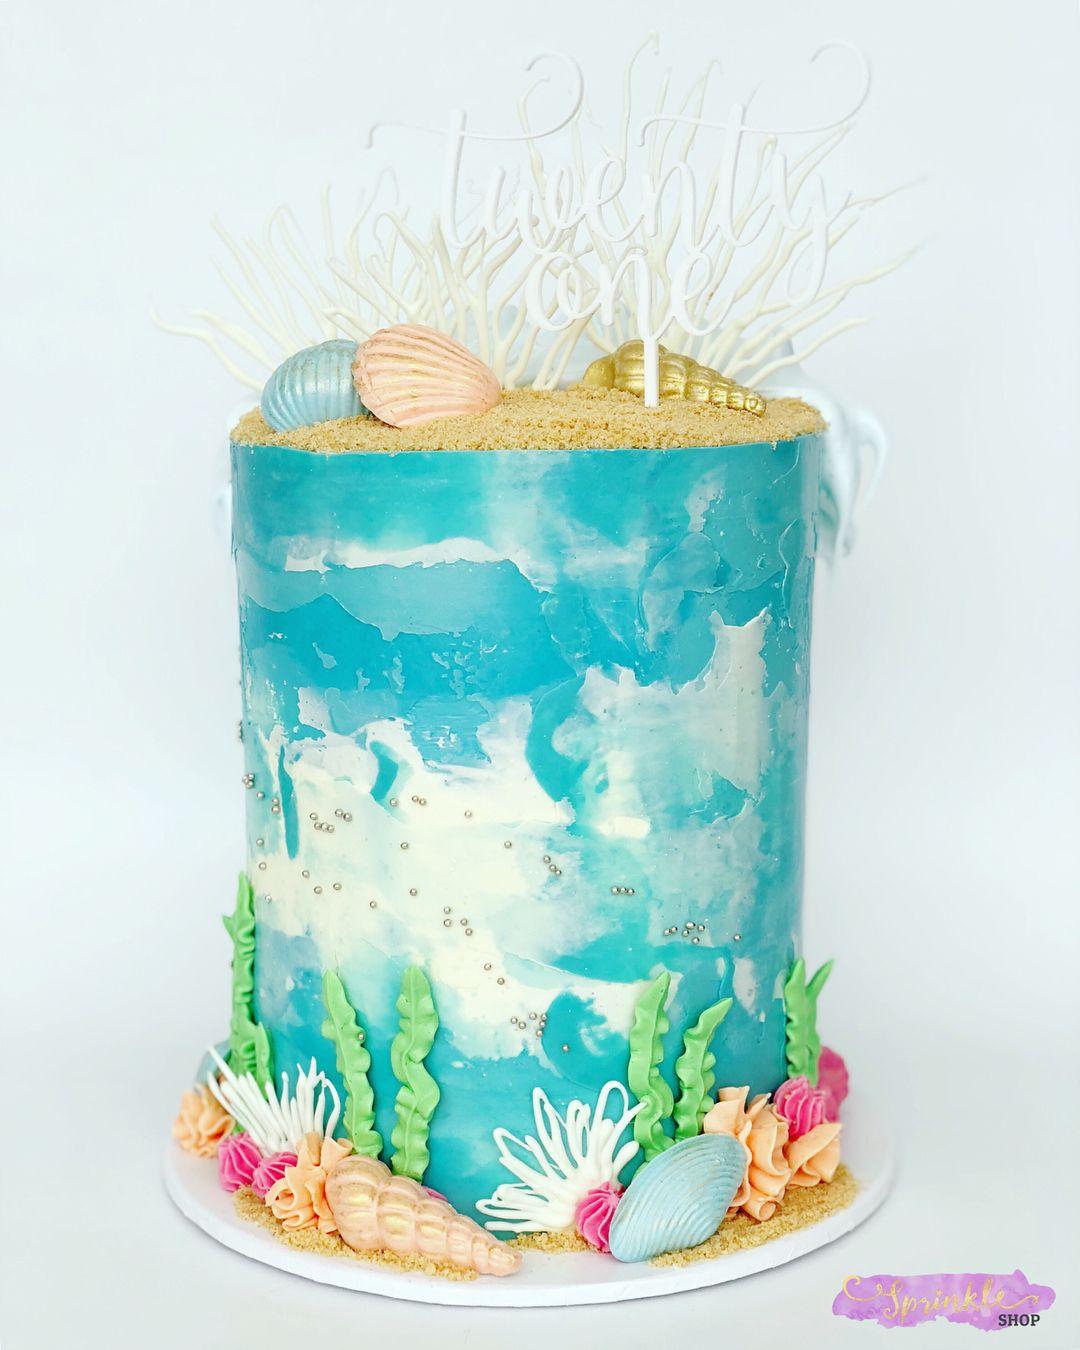 Beach Ocean Cake From Sprinkle Shop Sprinkle Shop Ocean Cakes